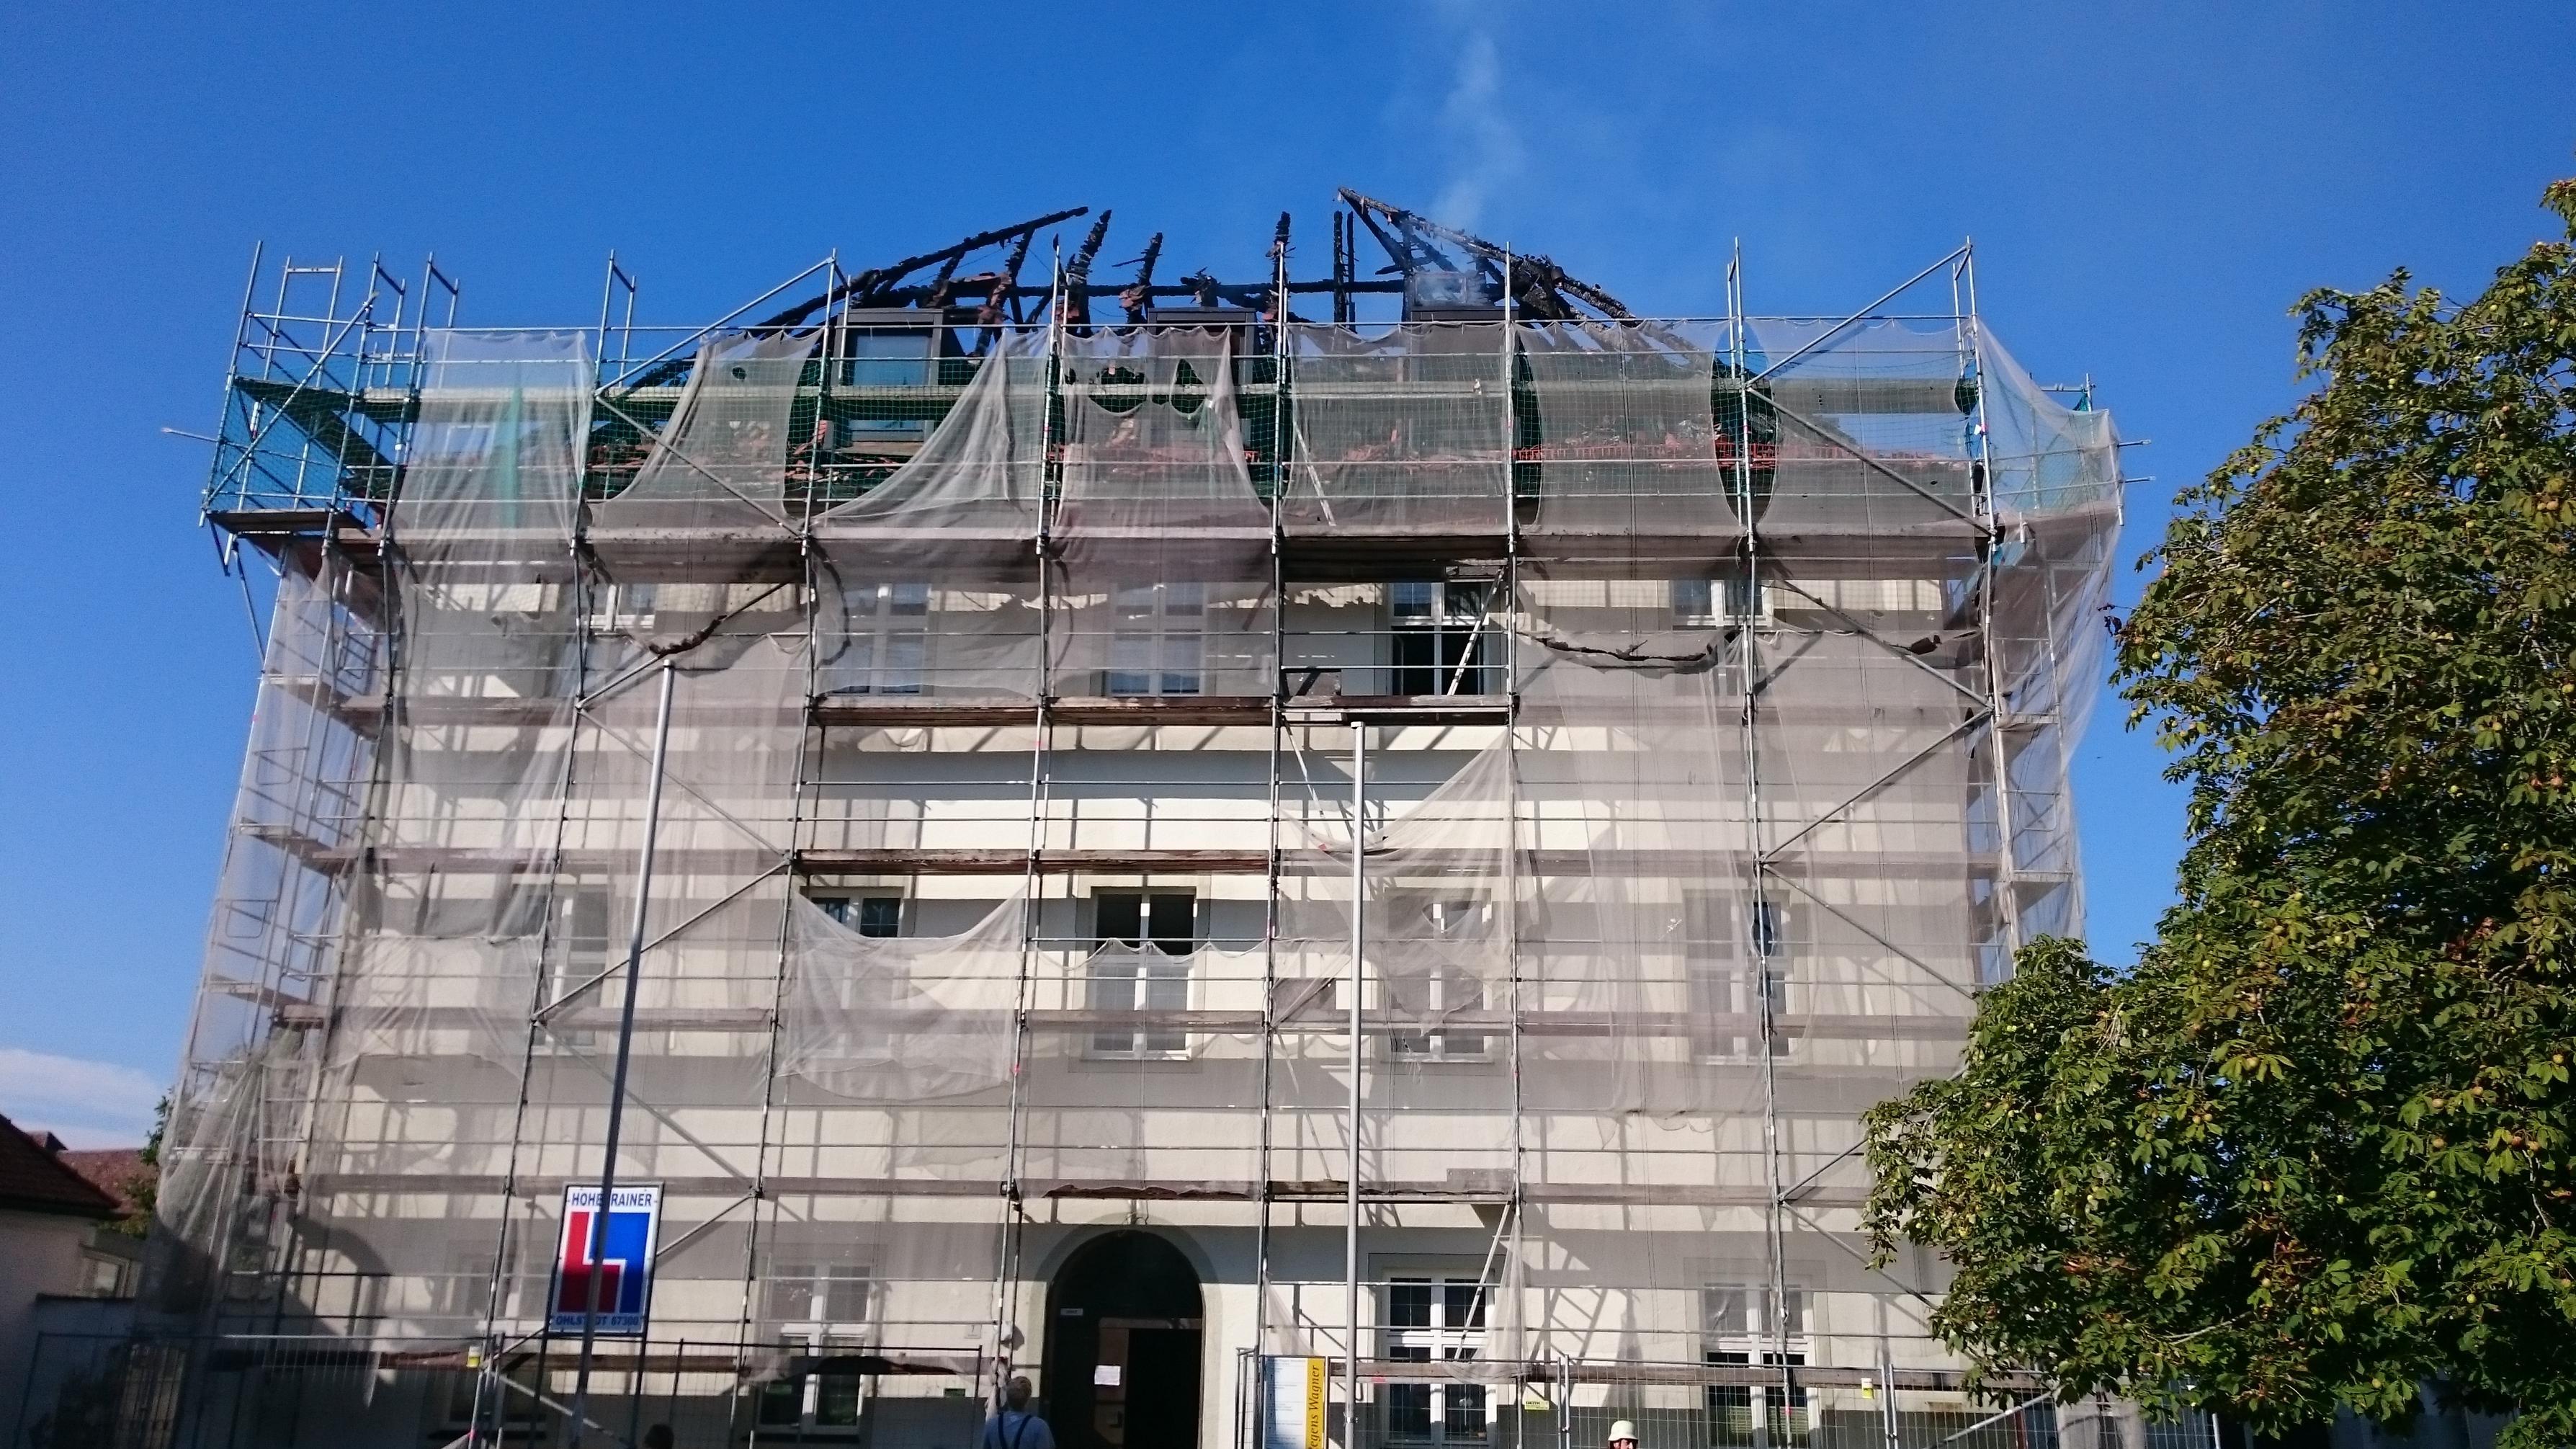 Der ausgebrannte Dachstuhl von Kloster Rottenbuch